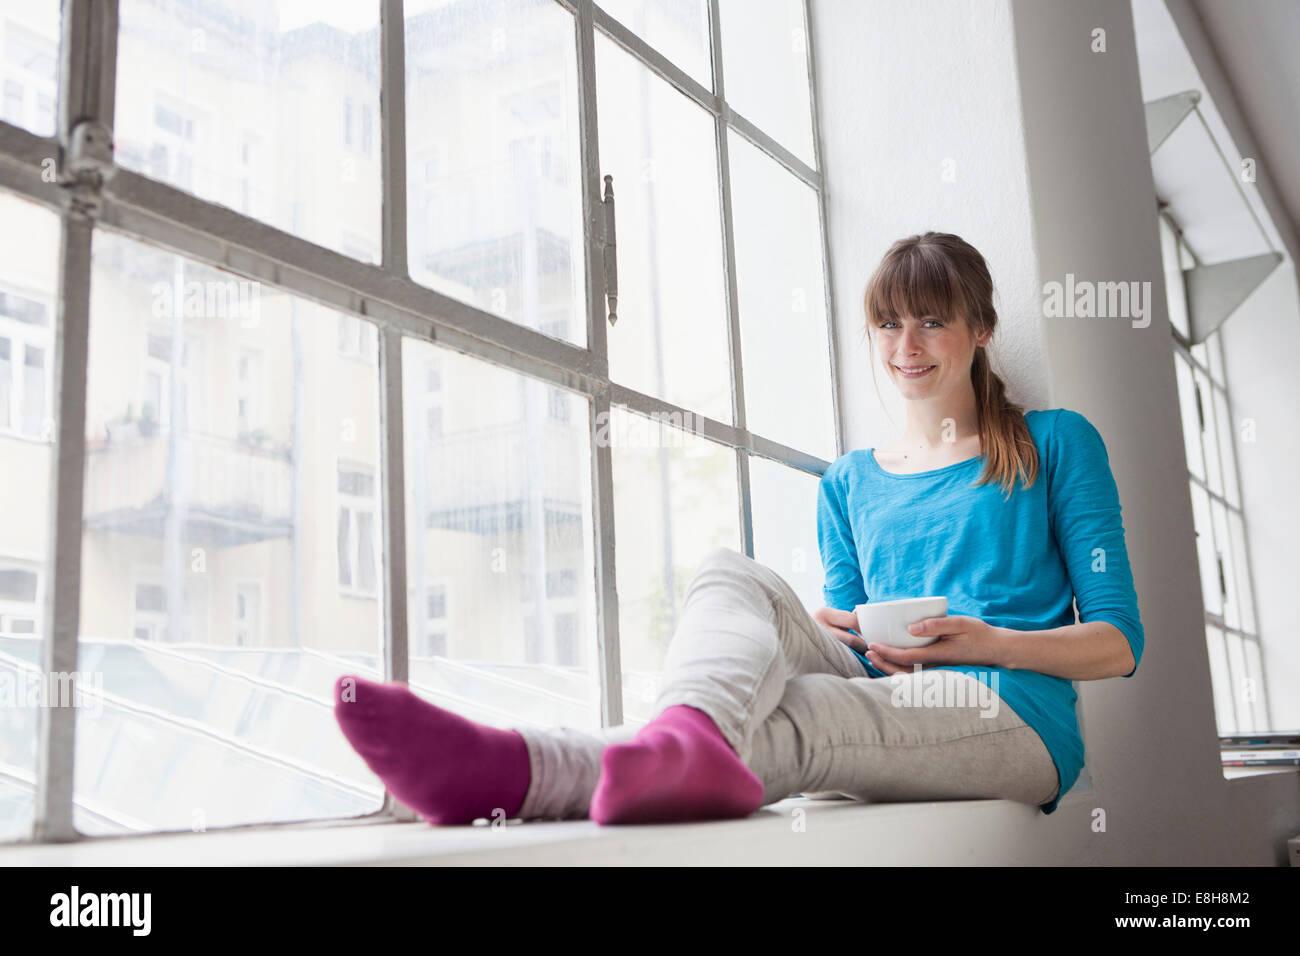 Ritratto di sorridente giovane donna con tazza di caffè seduti sul davanzale in un ufficio Immagini Stock